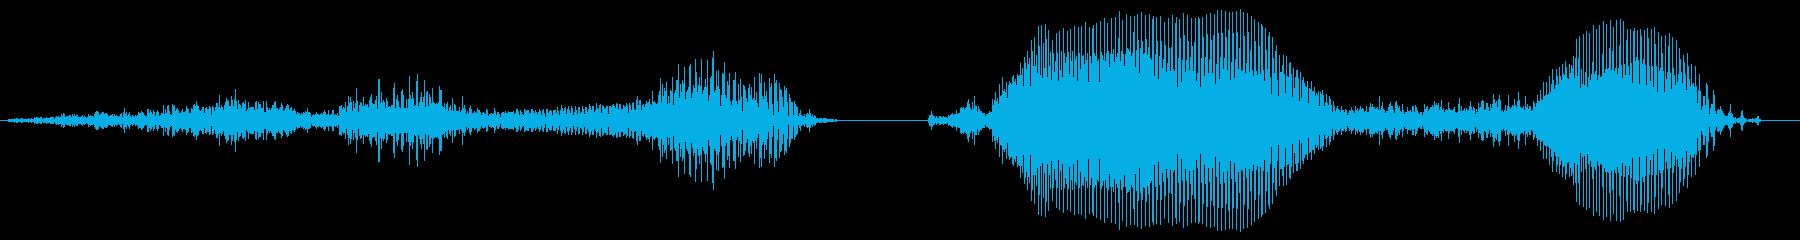 その調子!2【ロリキャラの褒めボイス】の再生済みの波形